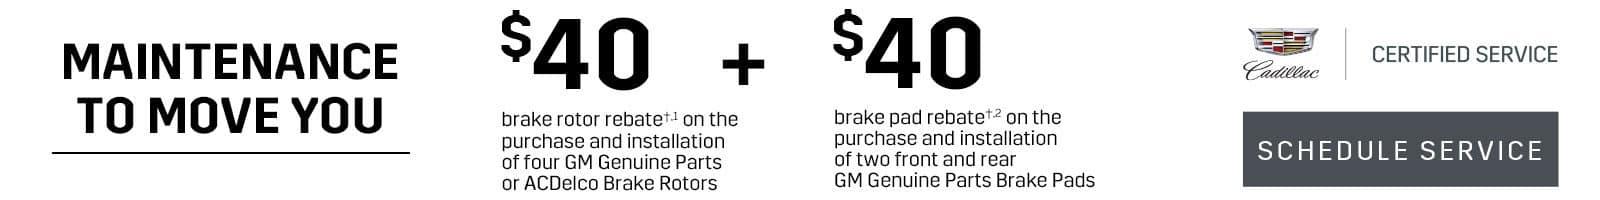 brake offer